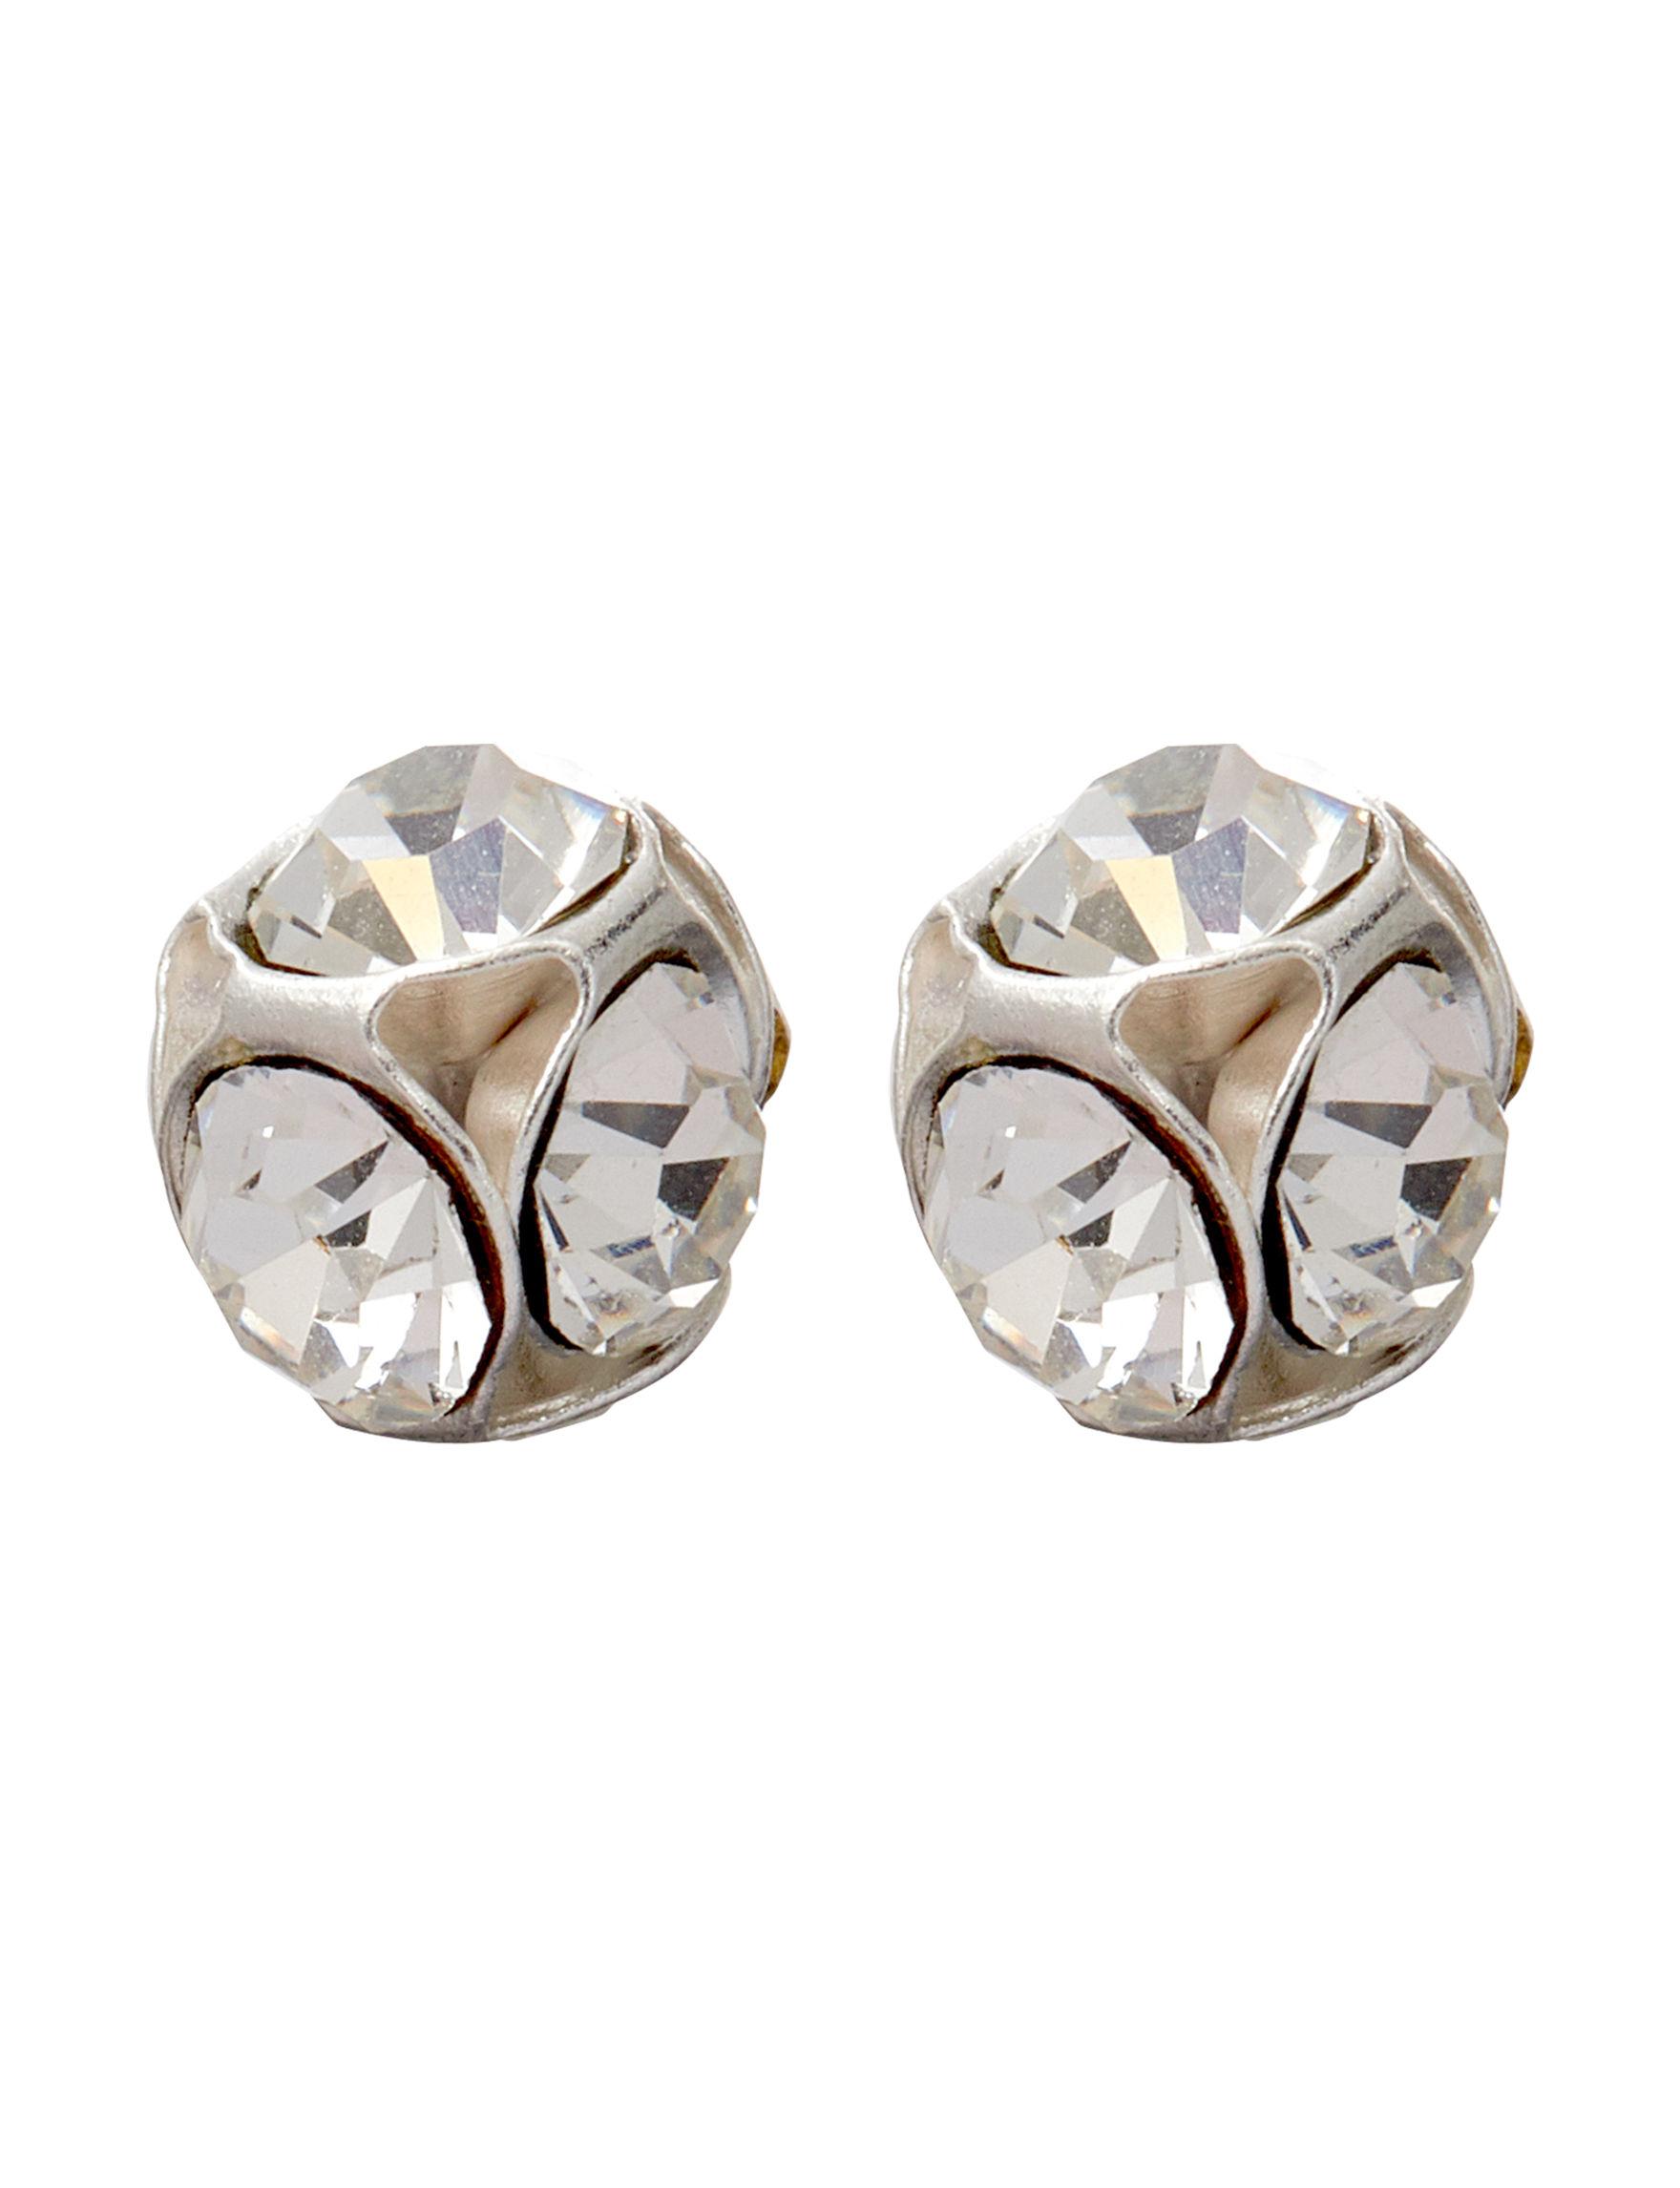 Marsala Silver / Crystal Studs Earrings Fine Jewelry